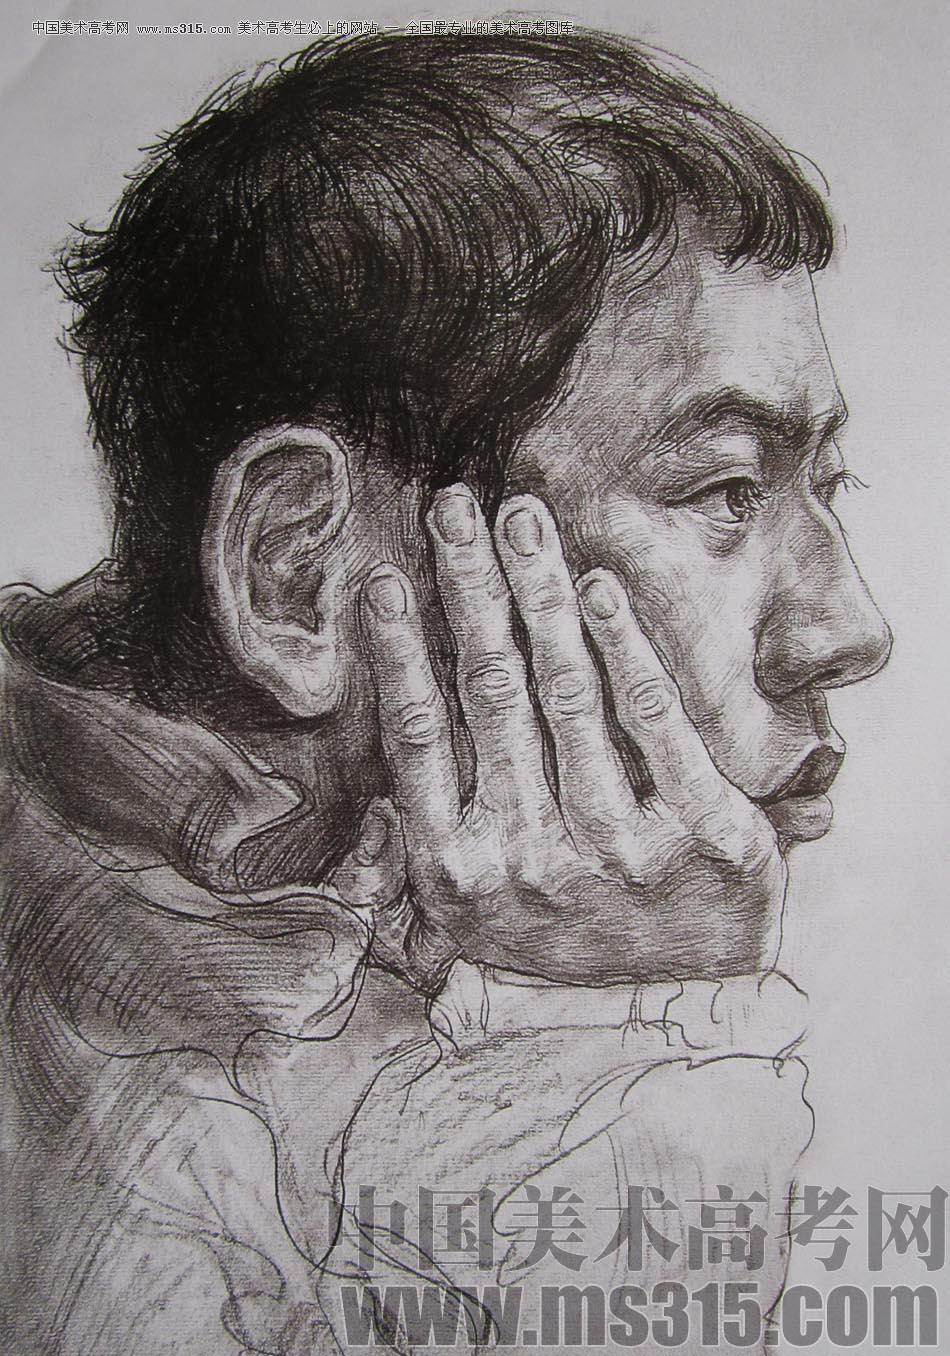 2010-2011年天津美术学院素描优秀试卷135(艺术设计,工业设计,动画)